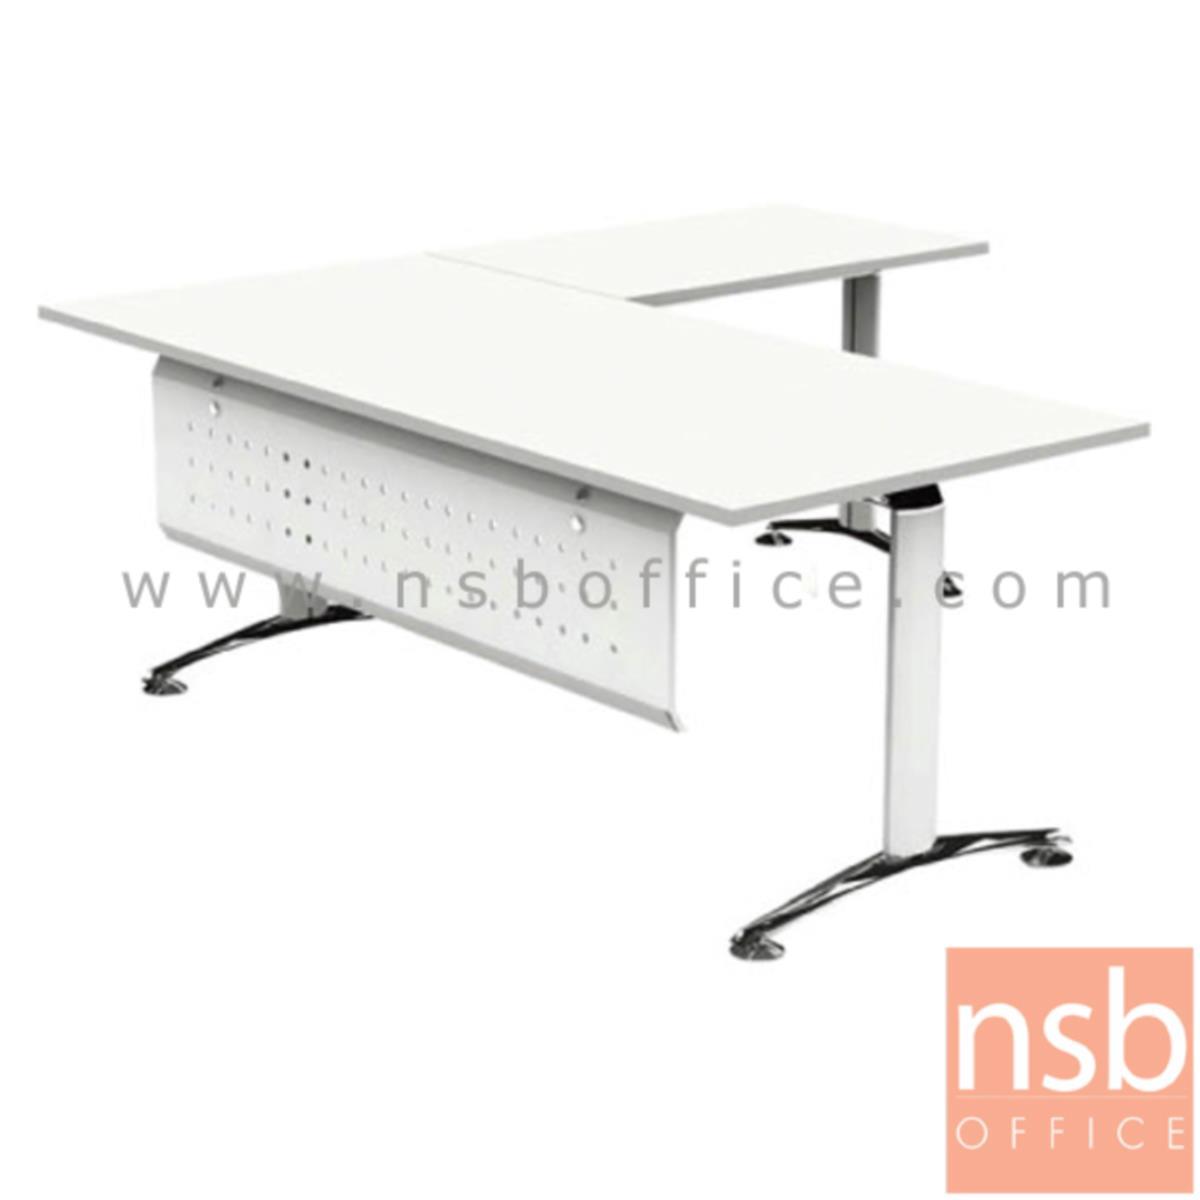 โต๊ะทำงานตัวแอล  รุ่น HB-EX3DL2019  ขนาด 200W1*190W2 cm. ขาอลูมิเนียม